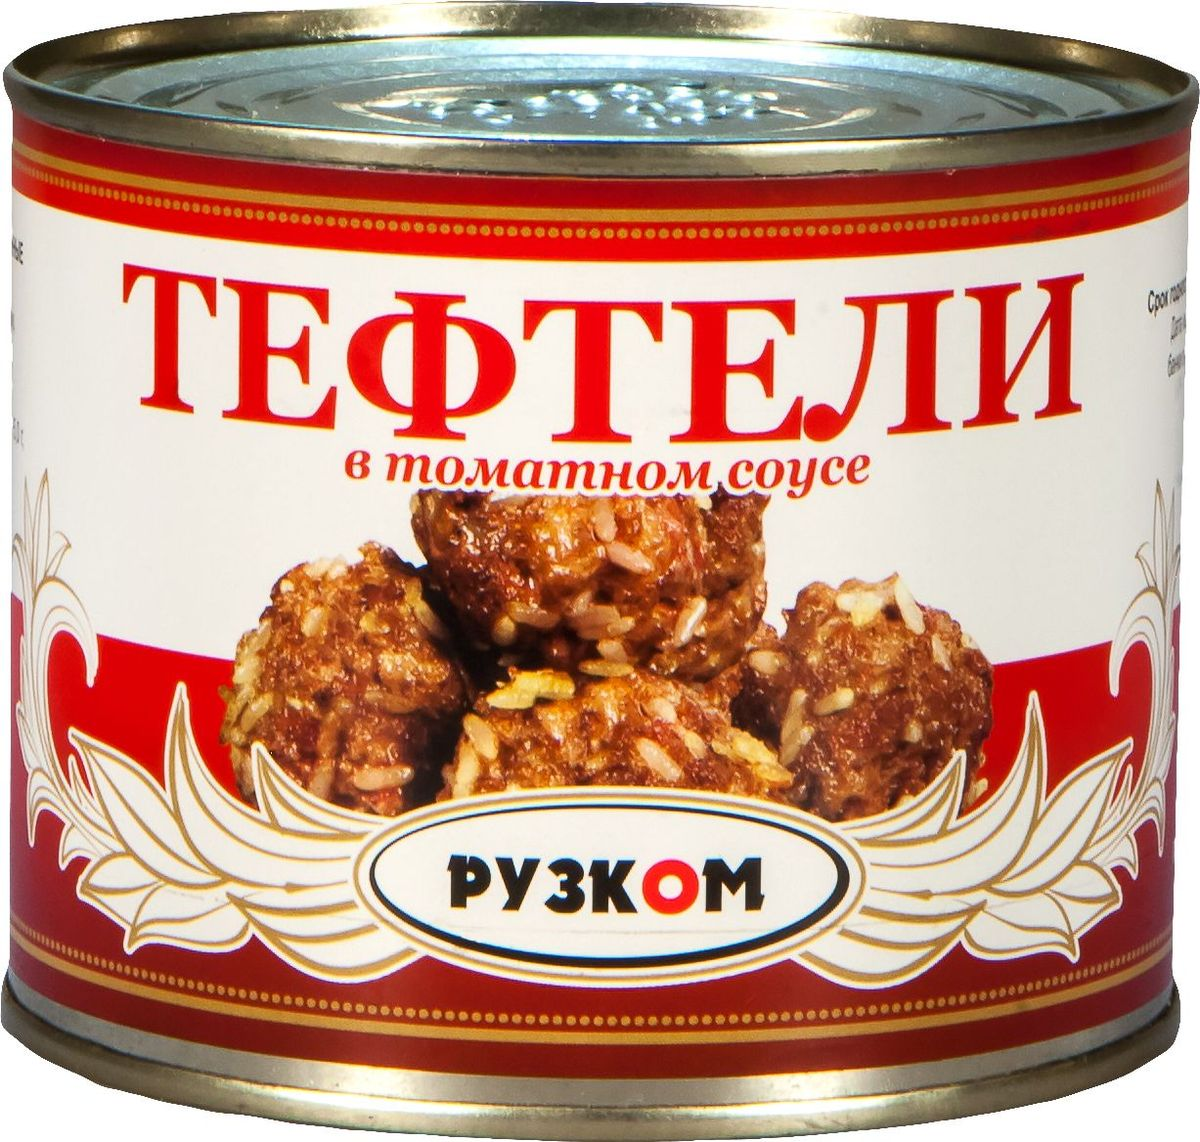 Рузком Тефтели в томатном соусе, 540 г бериложка биточки в грибном соусе 250 г